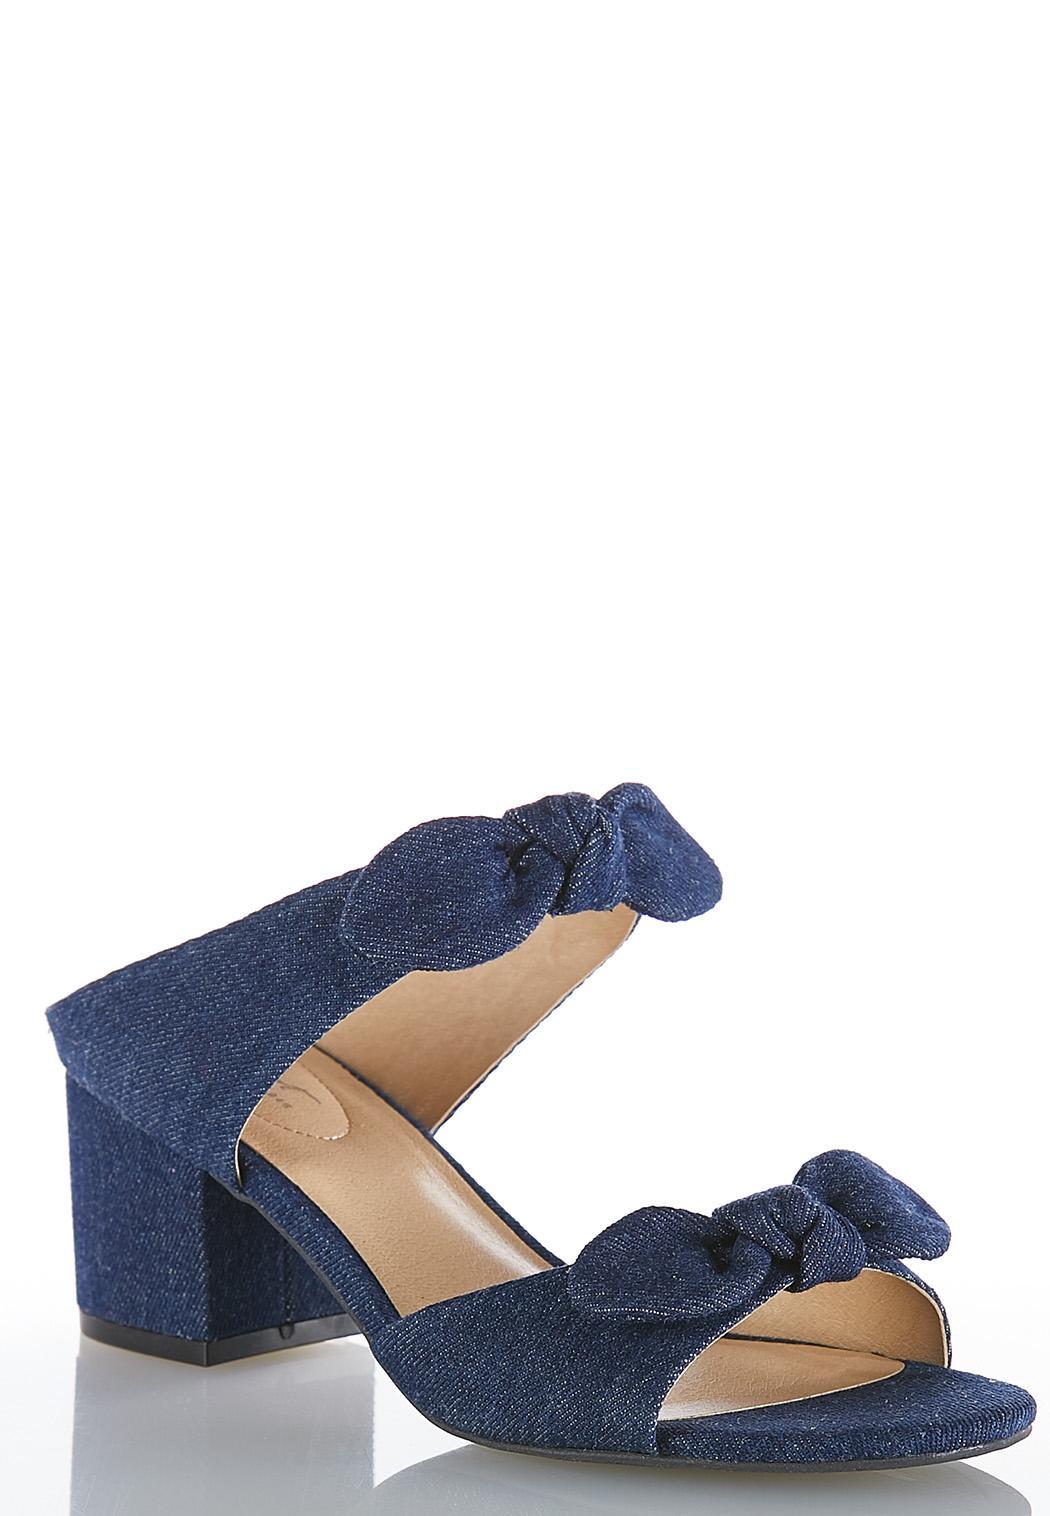 74d7cfc906c3 Women s Shoes - Boots